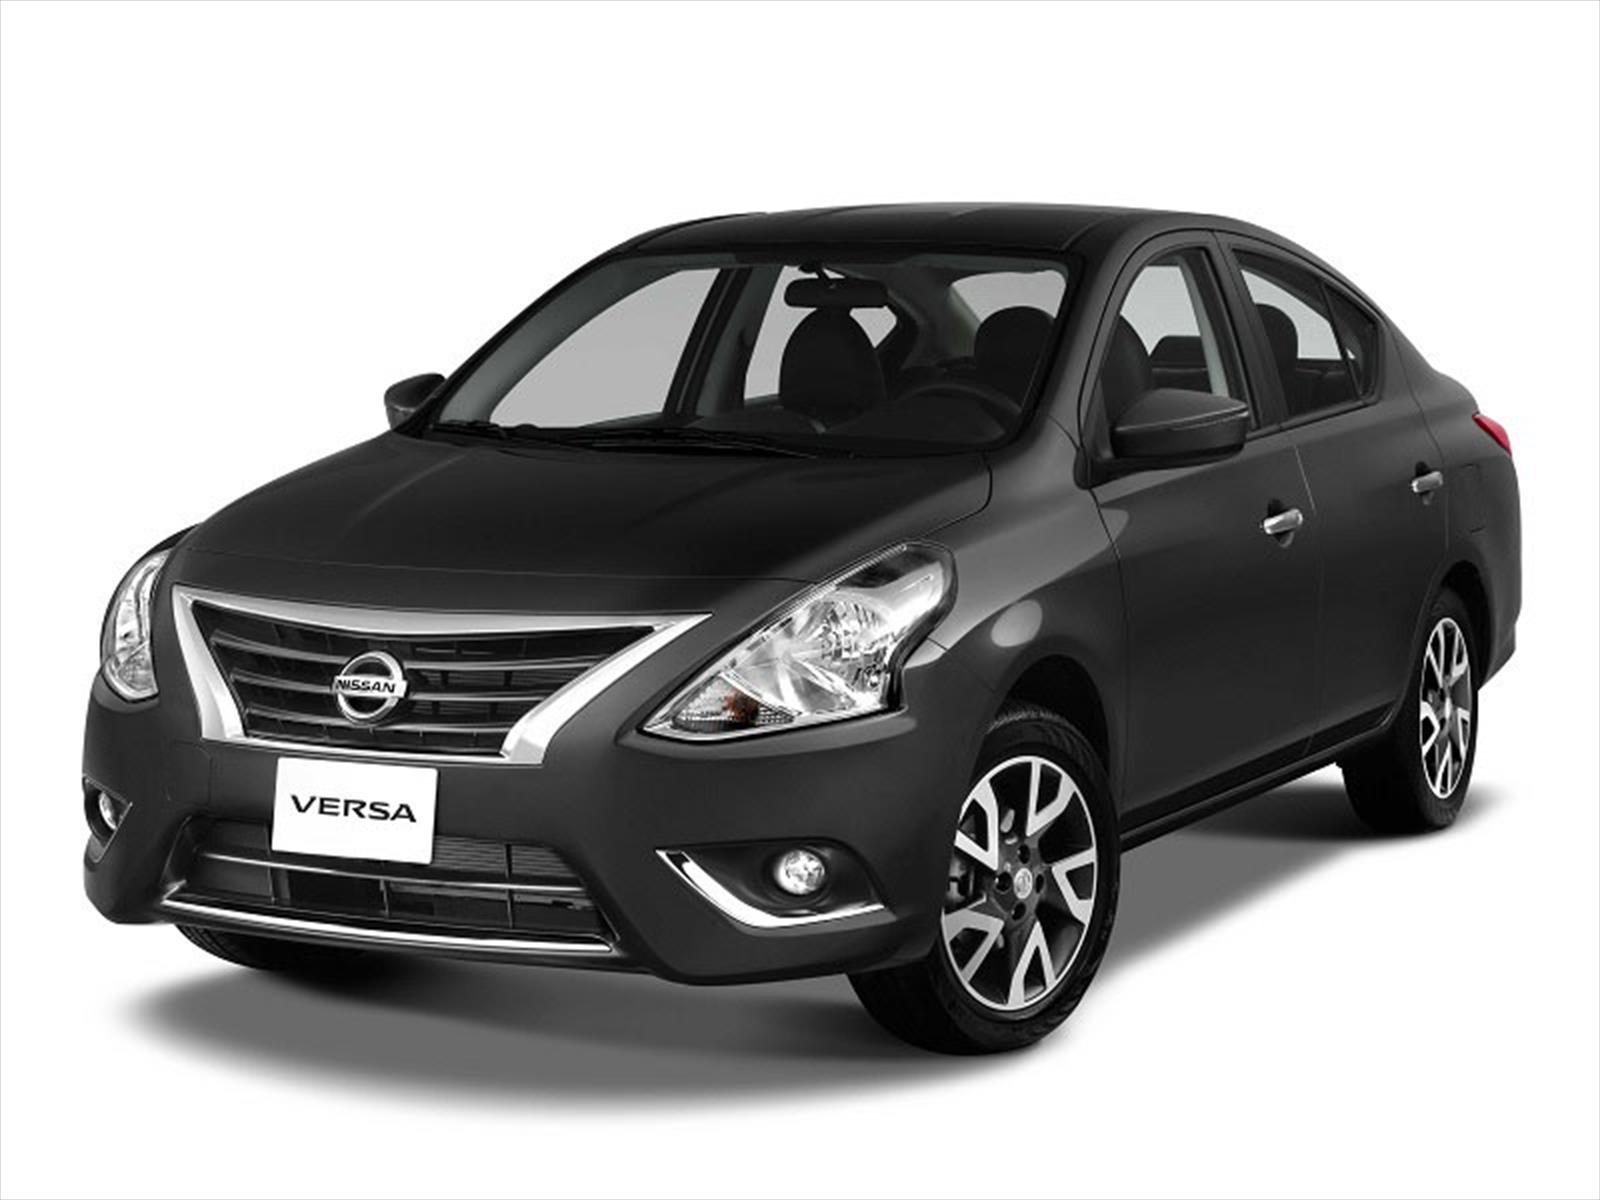 Nissan Versa 2015 llega a México desde $181,500 pesos ...